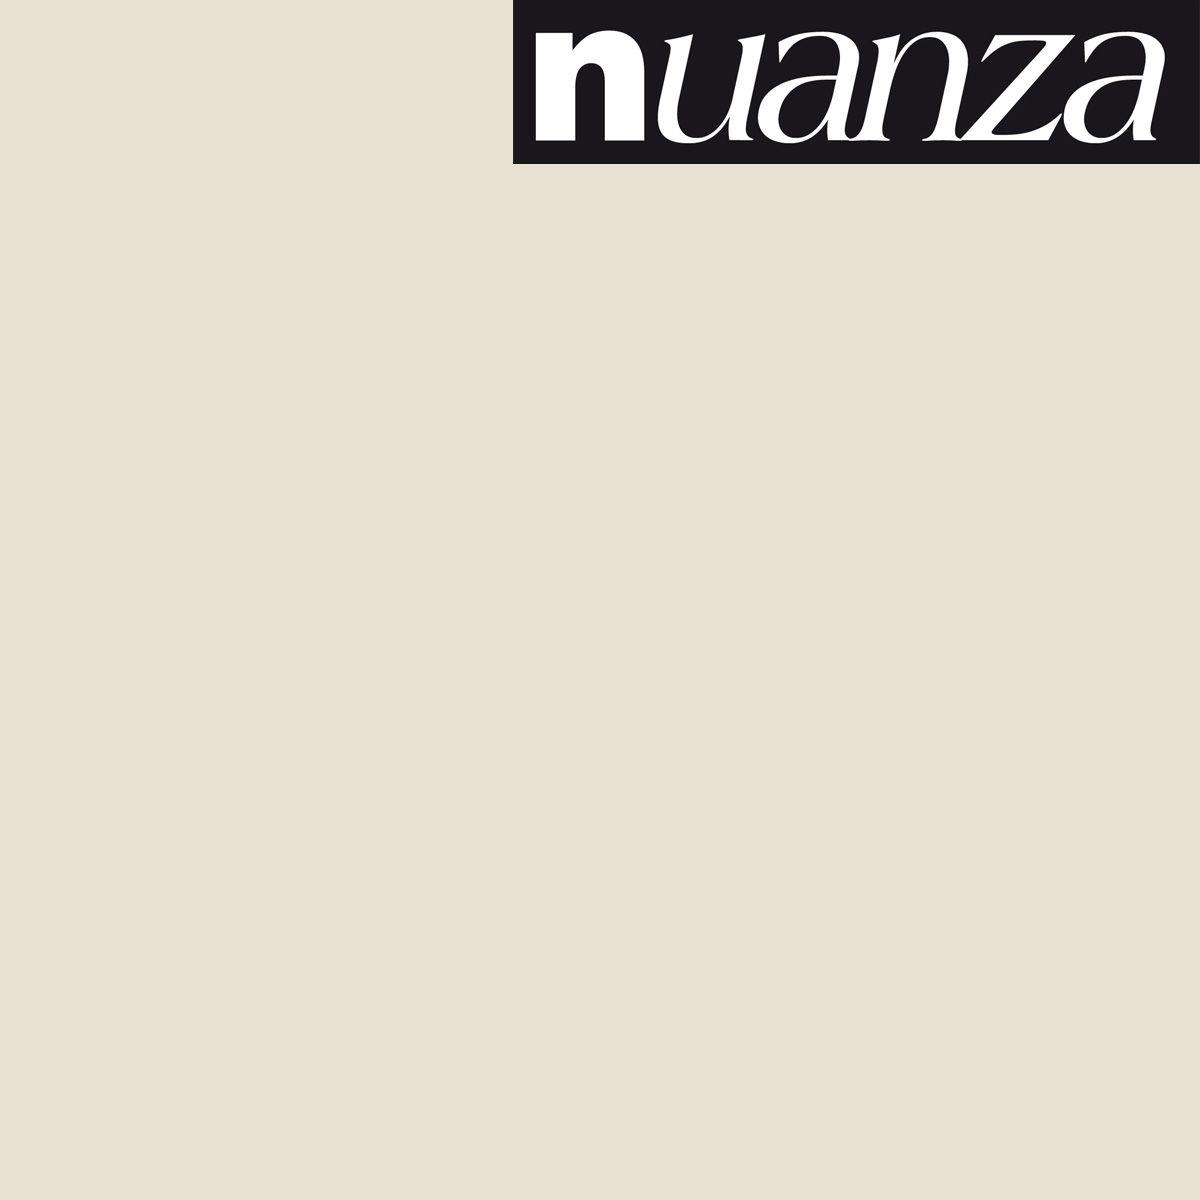 Peinture Nuanza satin monocouche naturel 0.5l